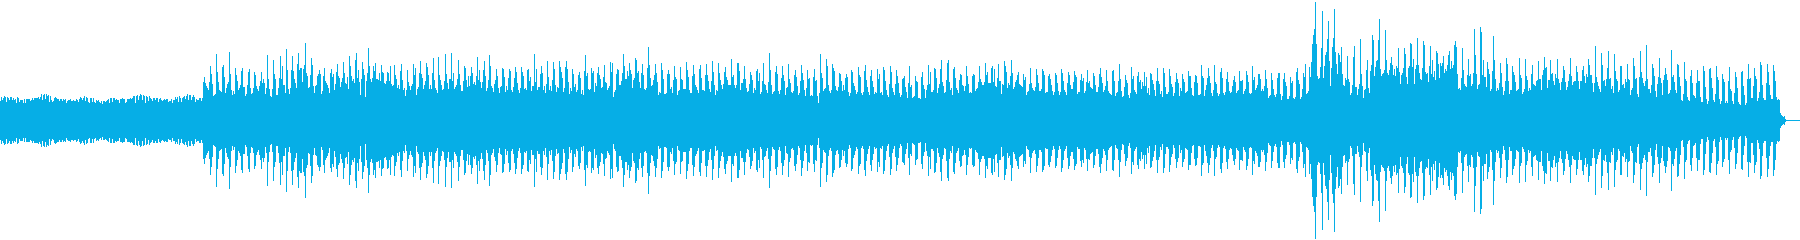 ダークビートによる踊れるクラブチューンの再生済みの波形